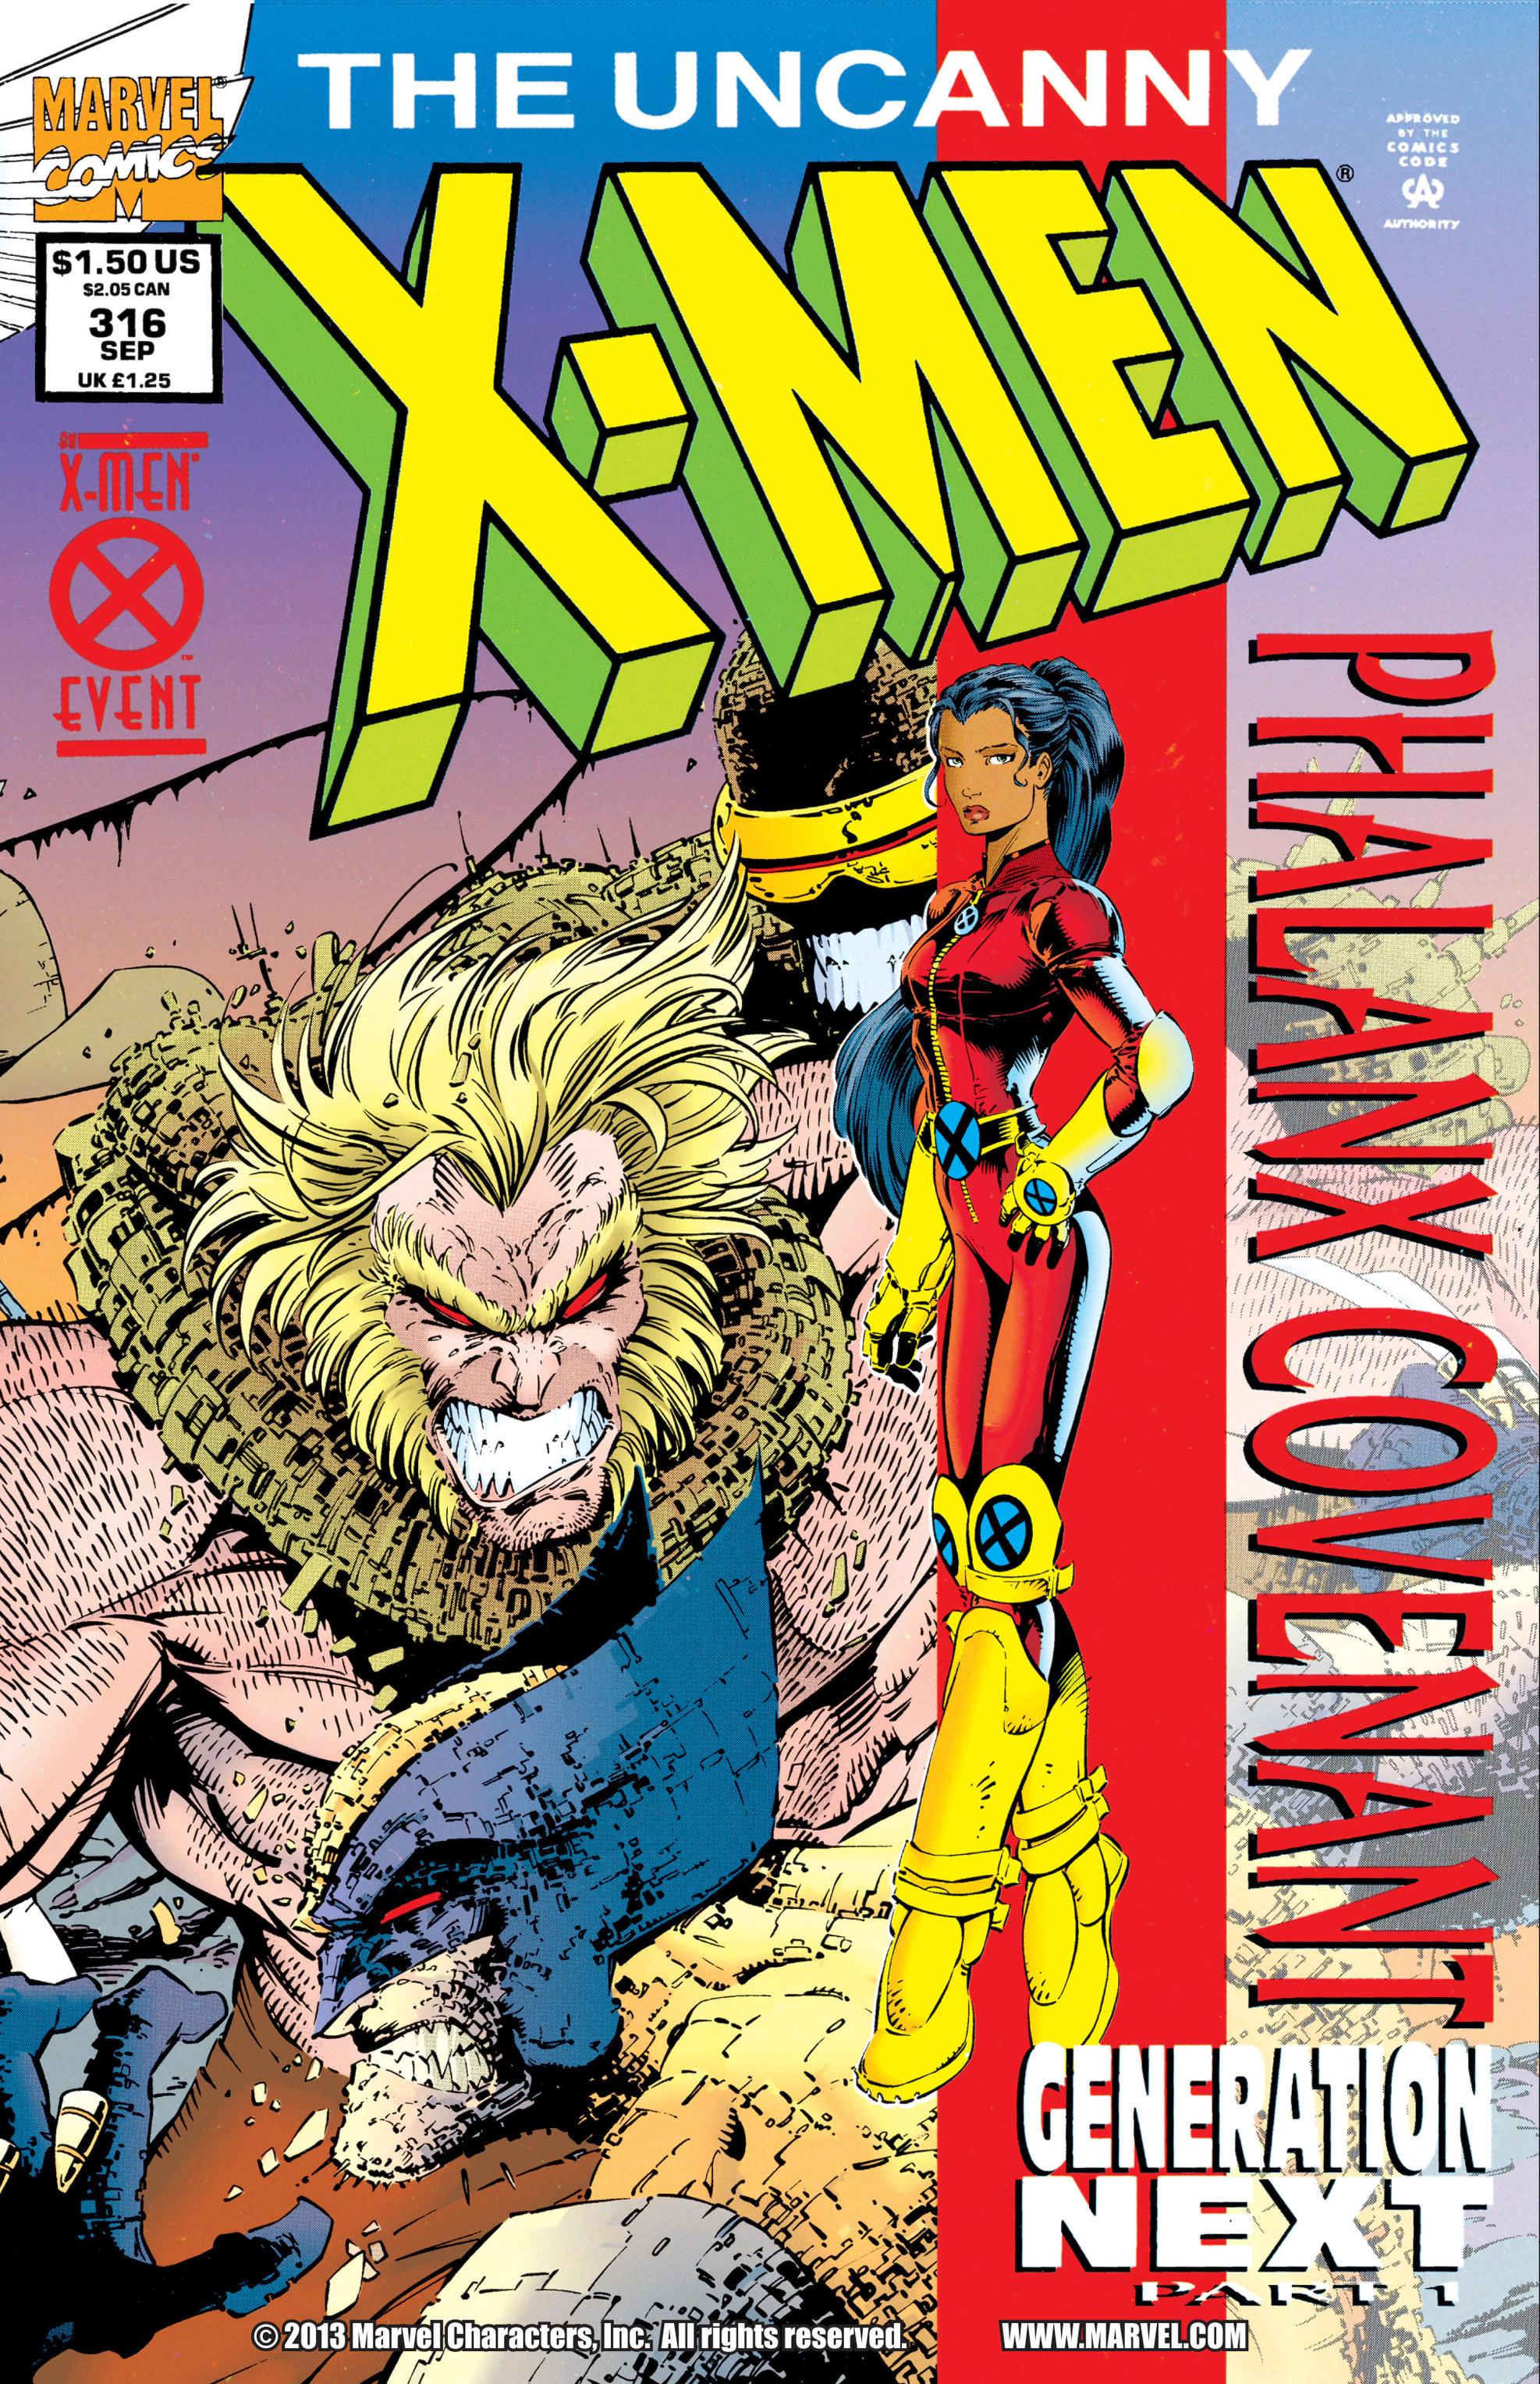 Read online Uncanny X-Men (1963) comic -  Issue #316 - 1